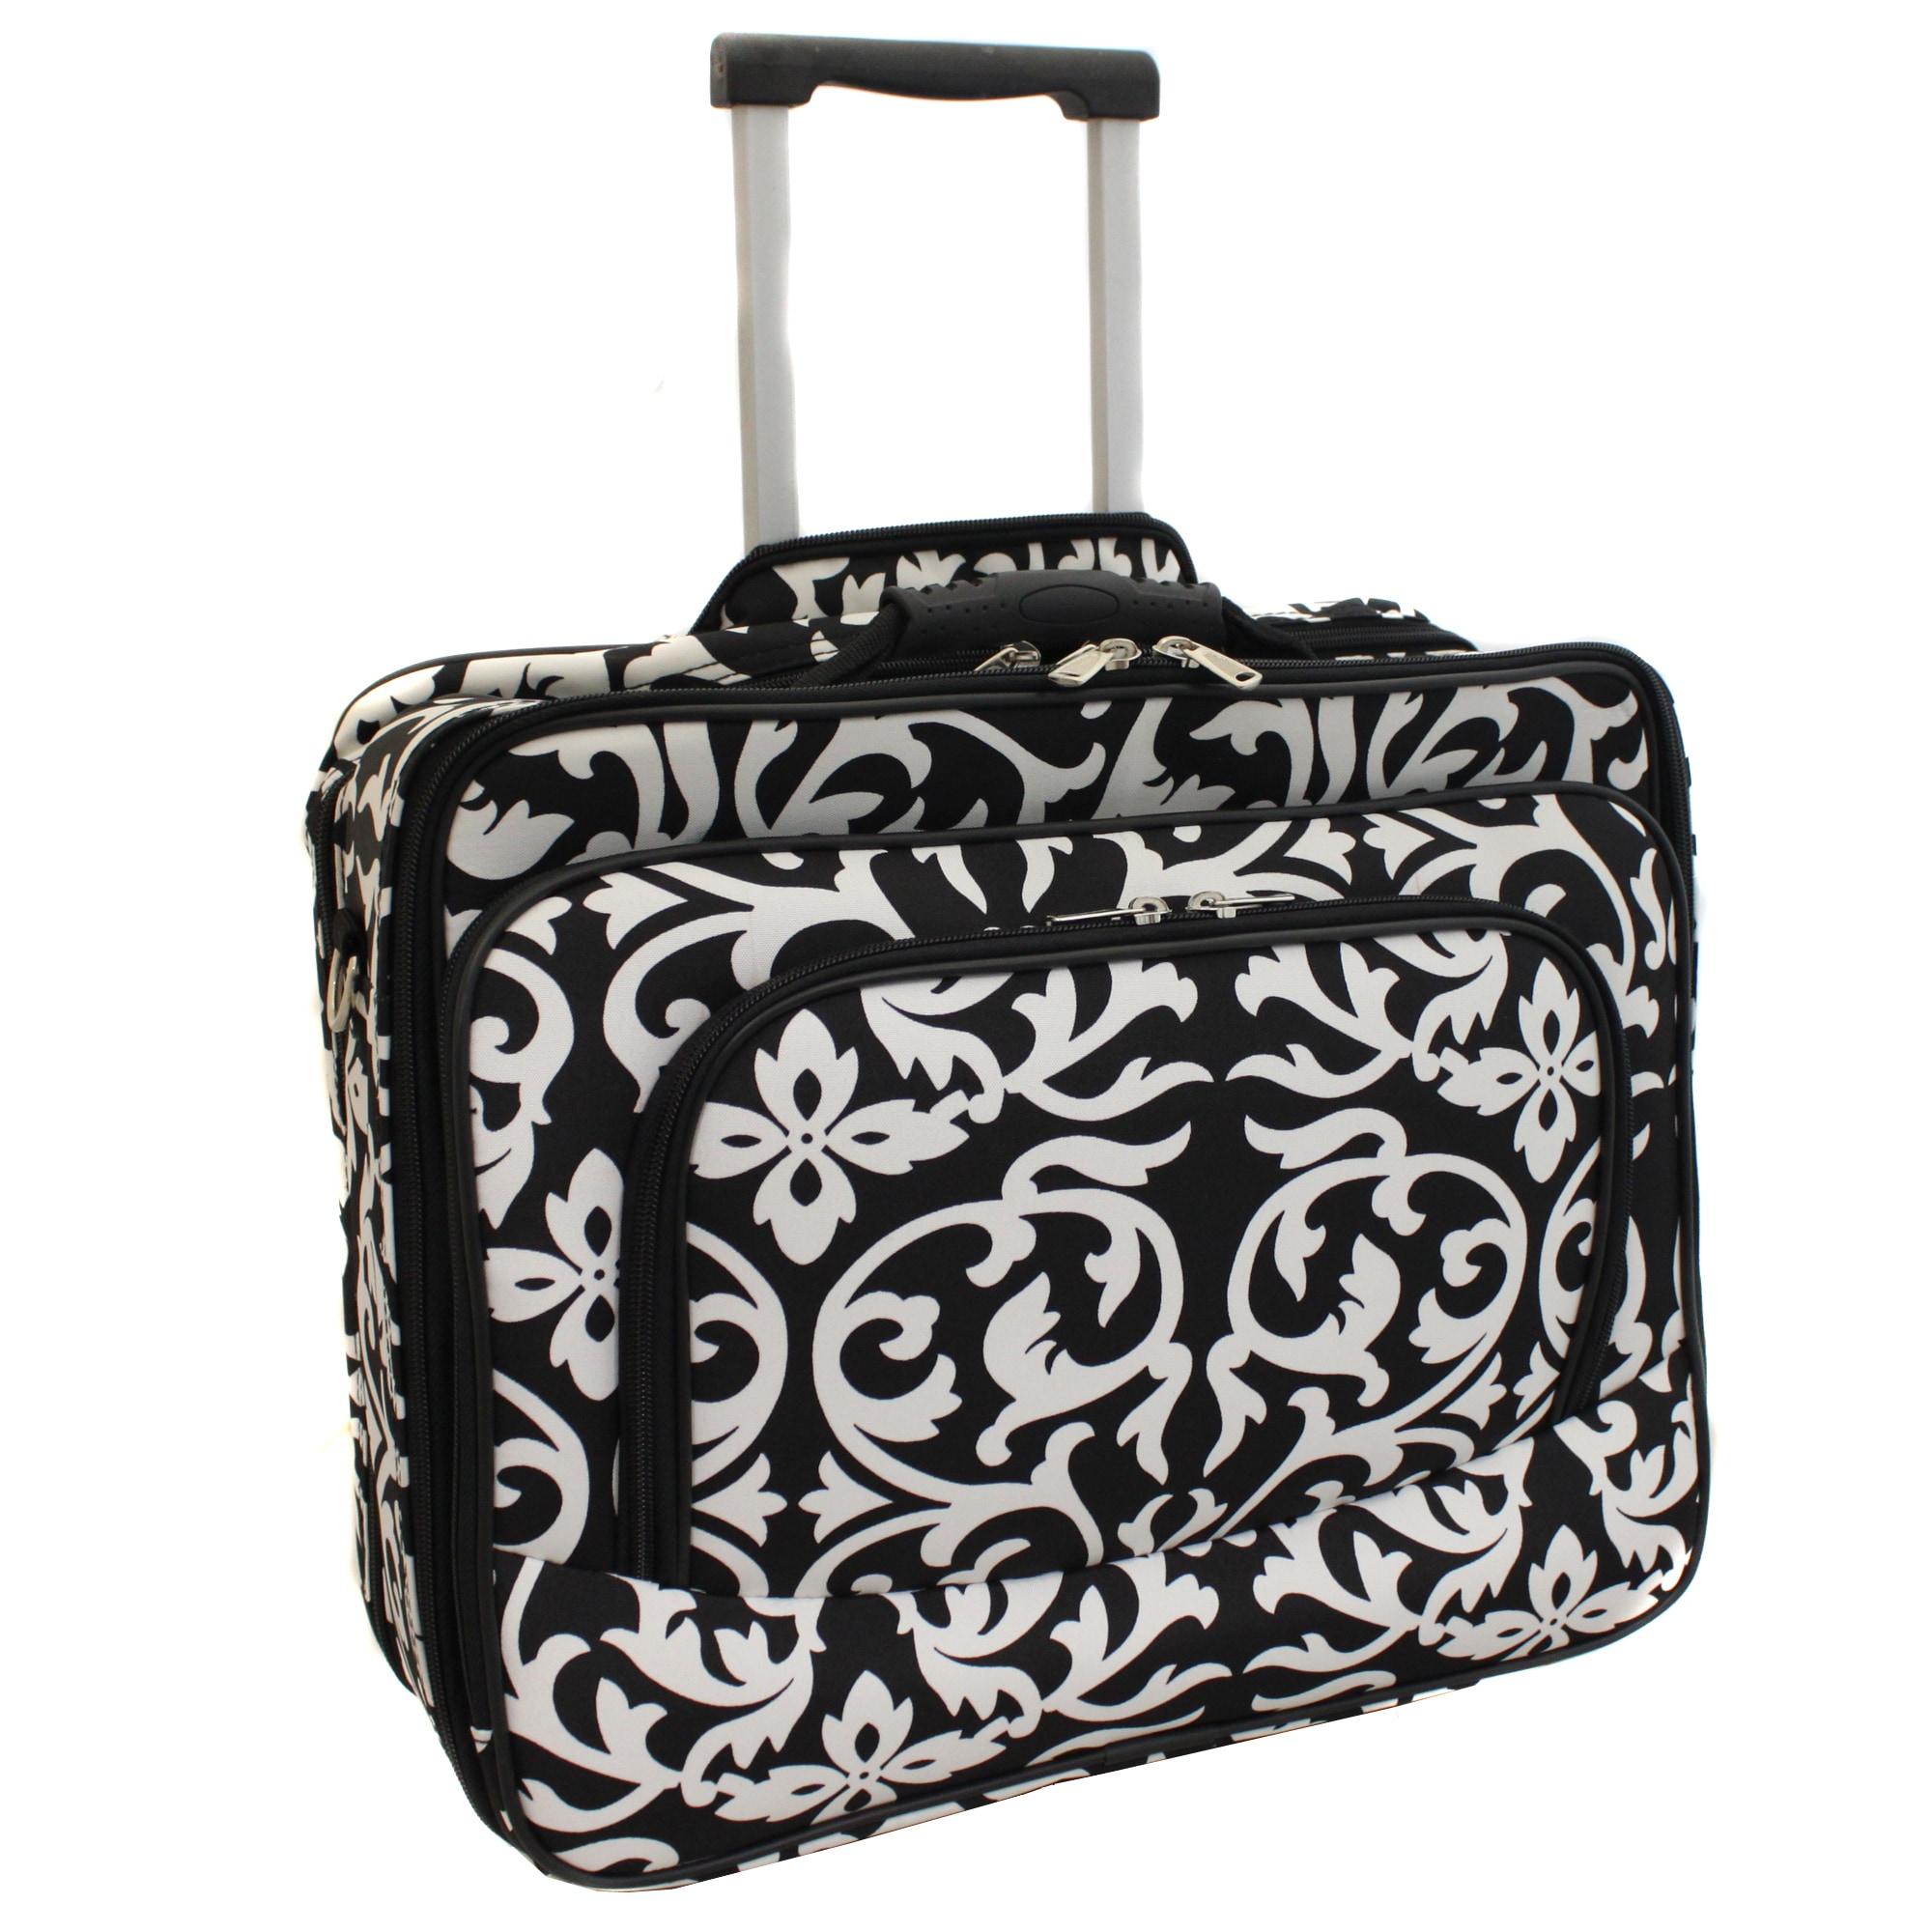 World Traveler Women's Damask Print Rolling Laptop Tote